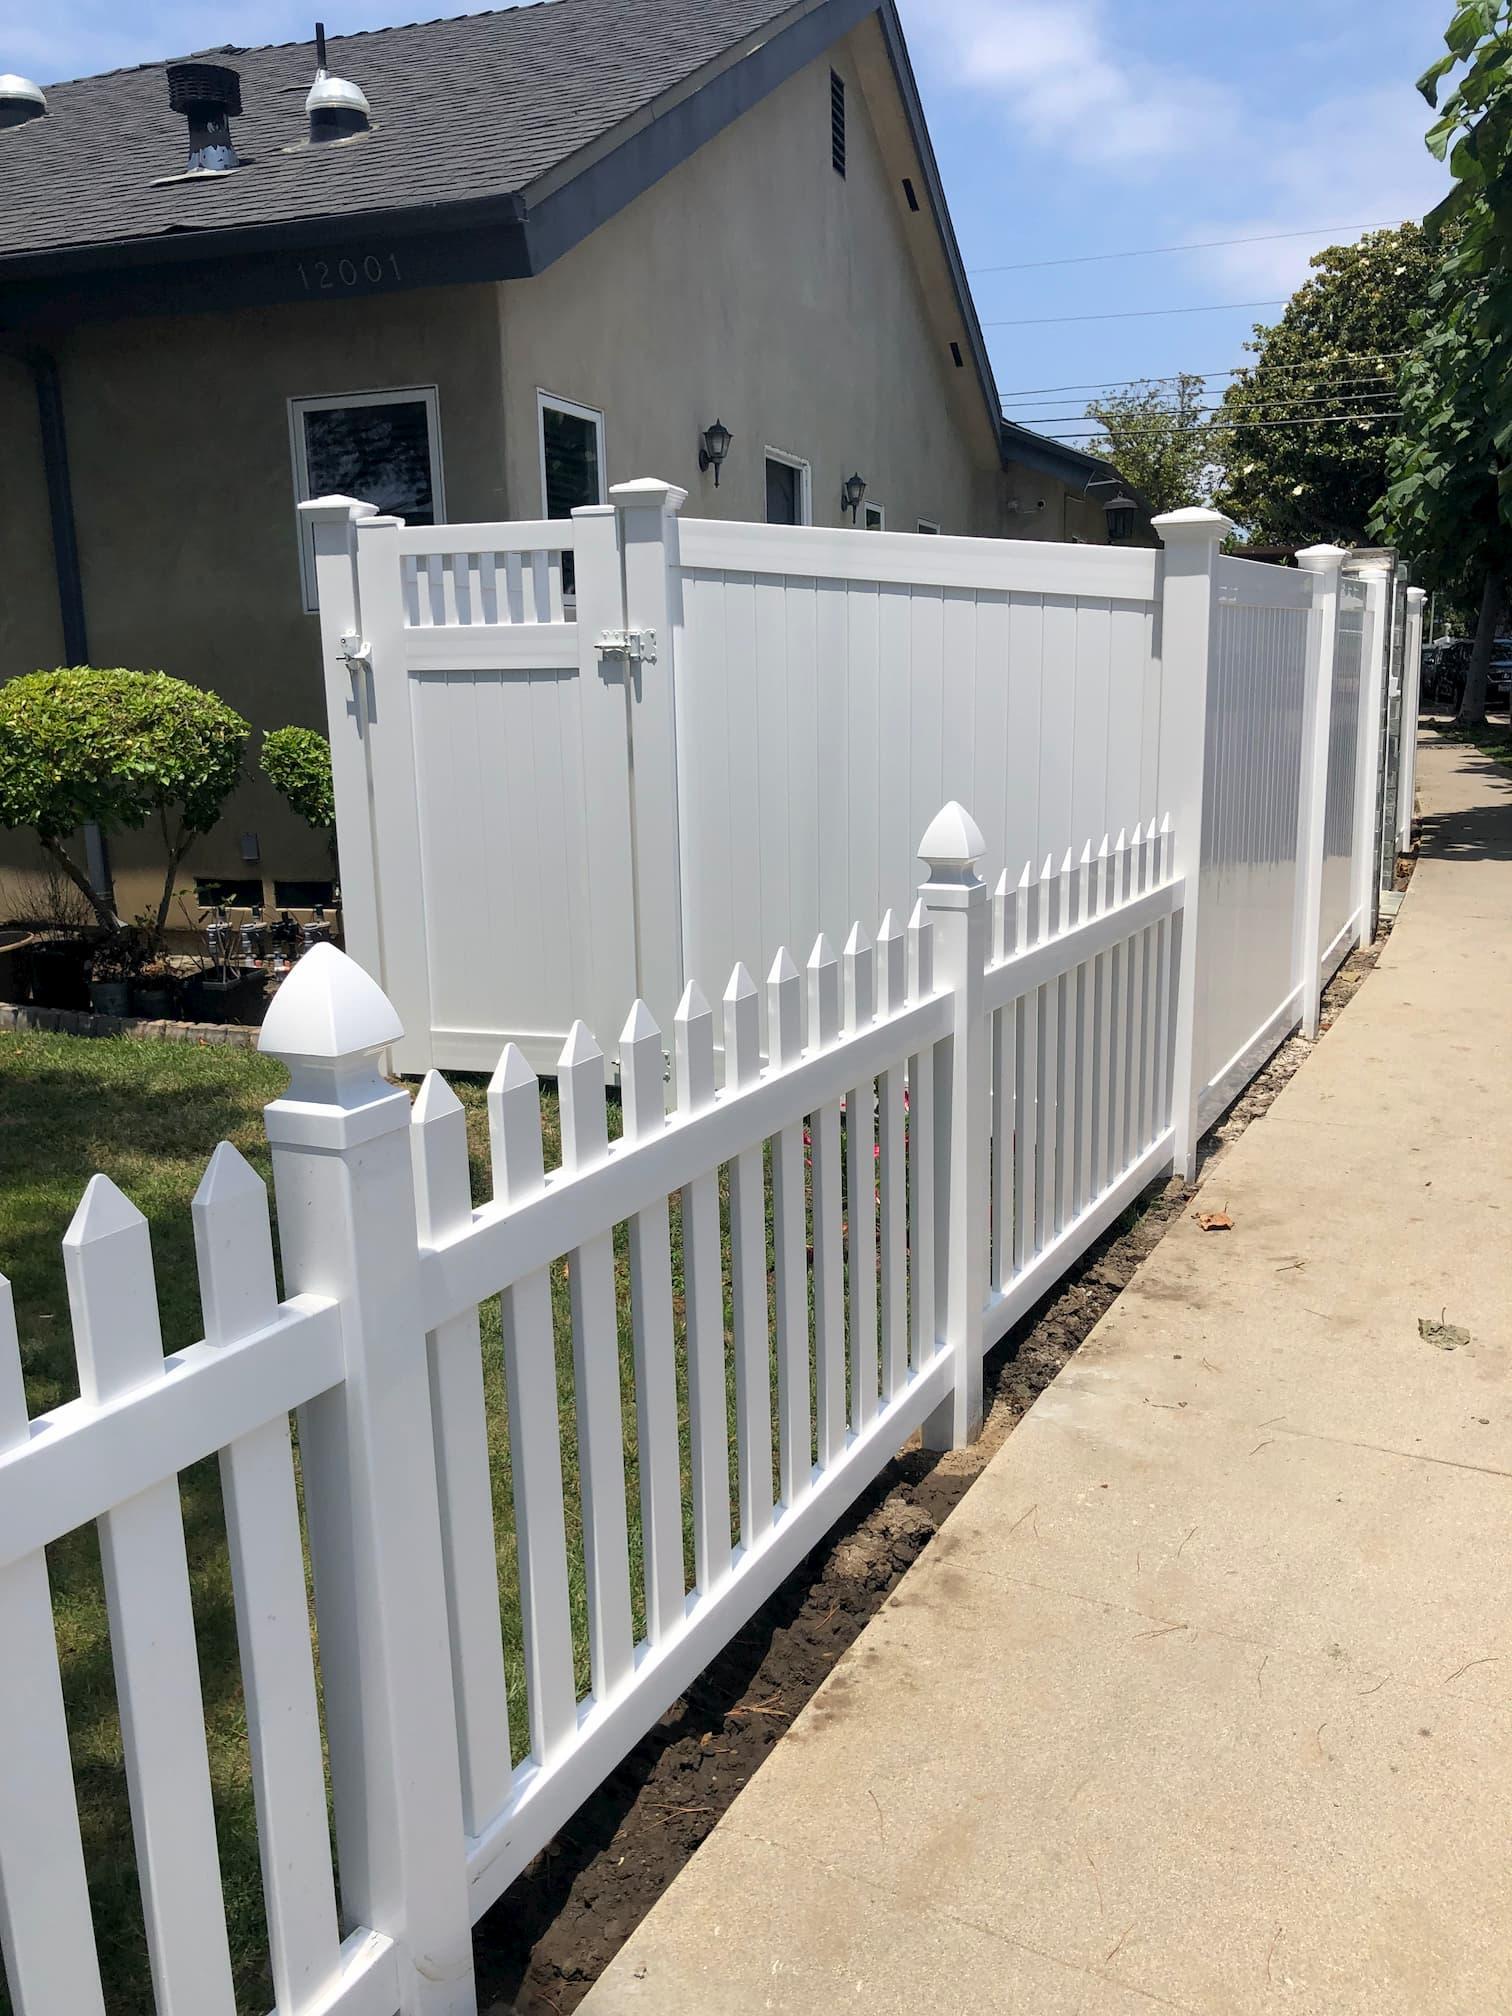 Vinyl Picket Fence Mar Vista, Los Angeles